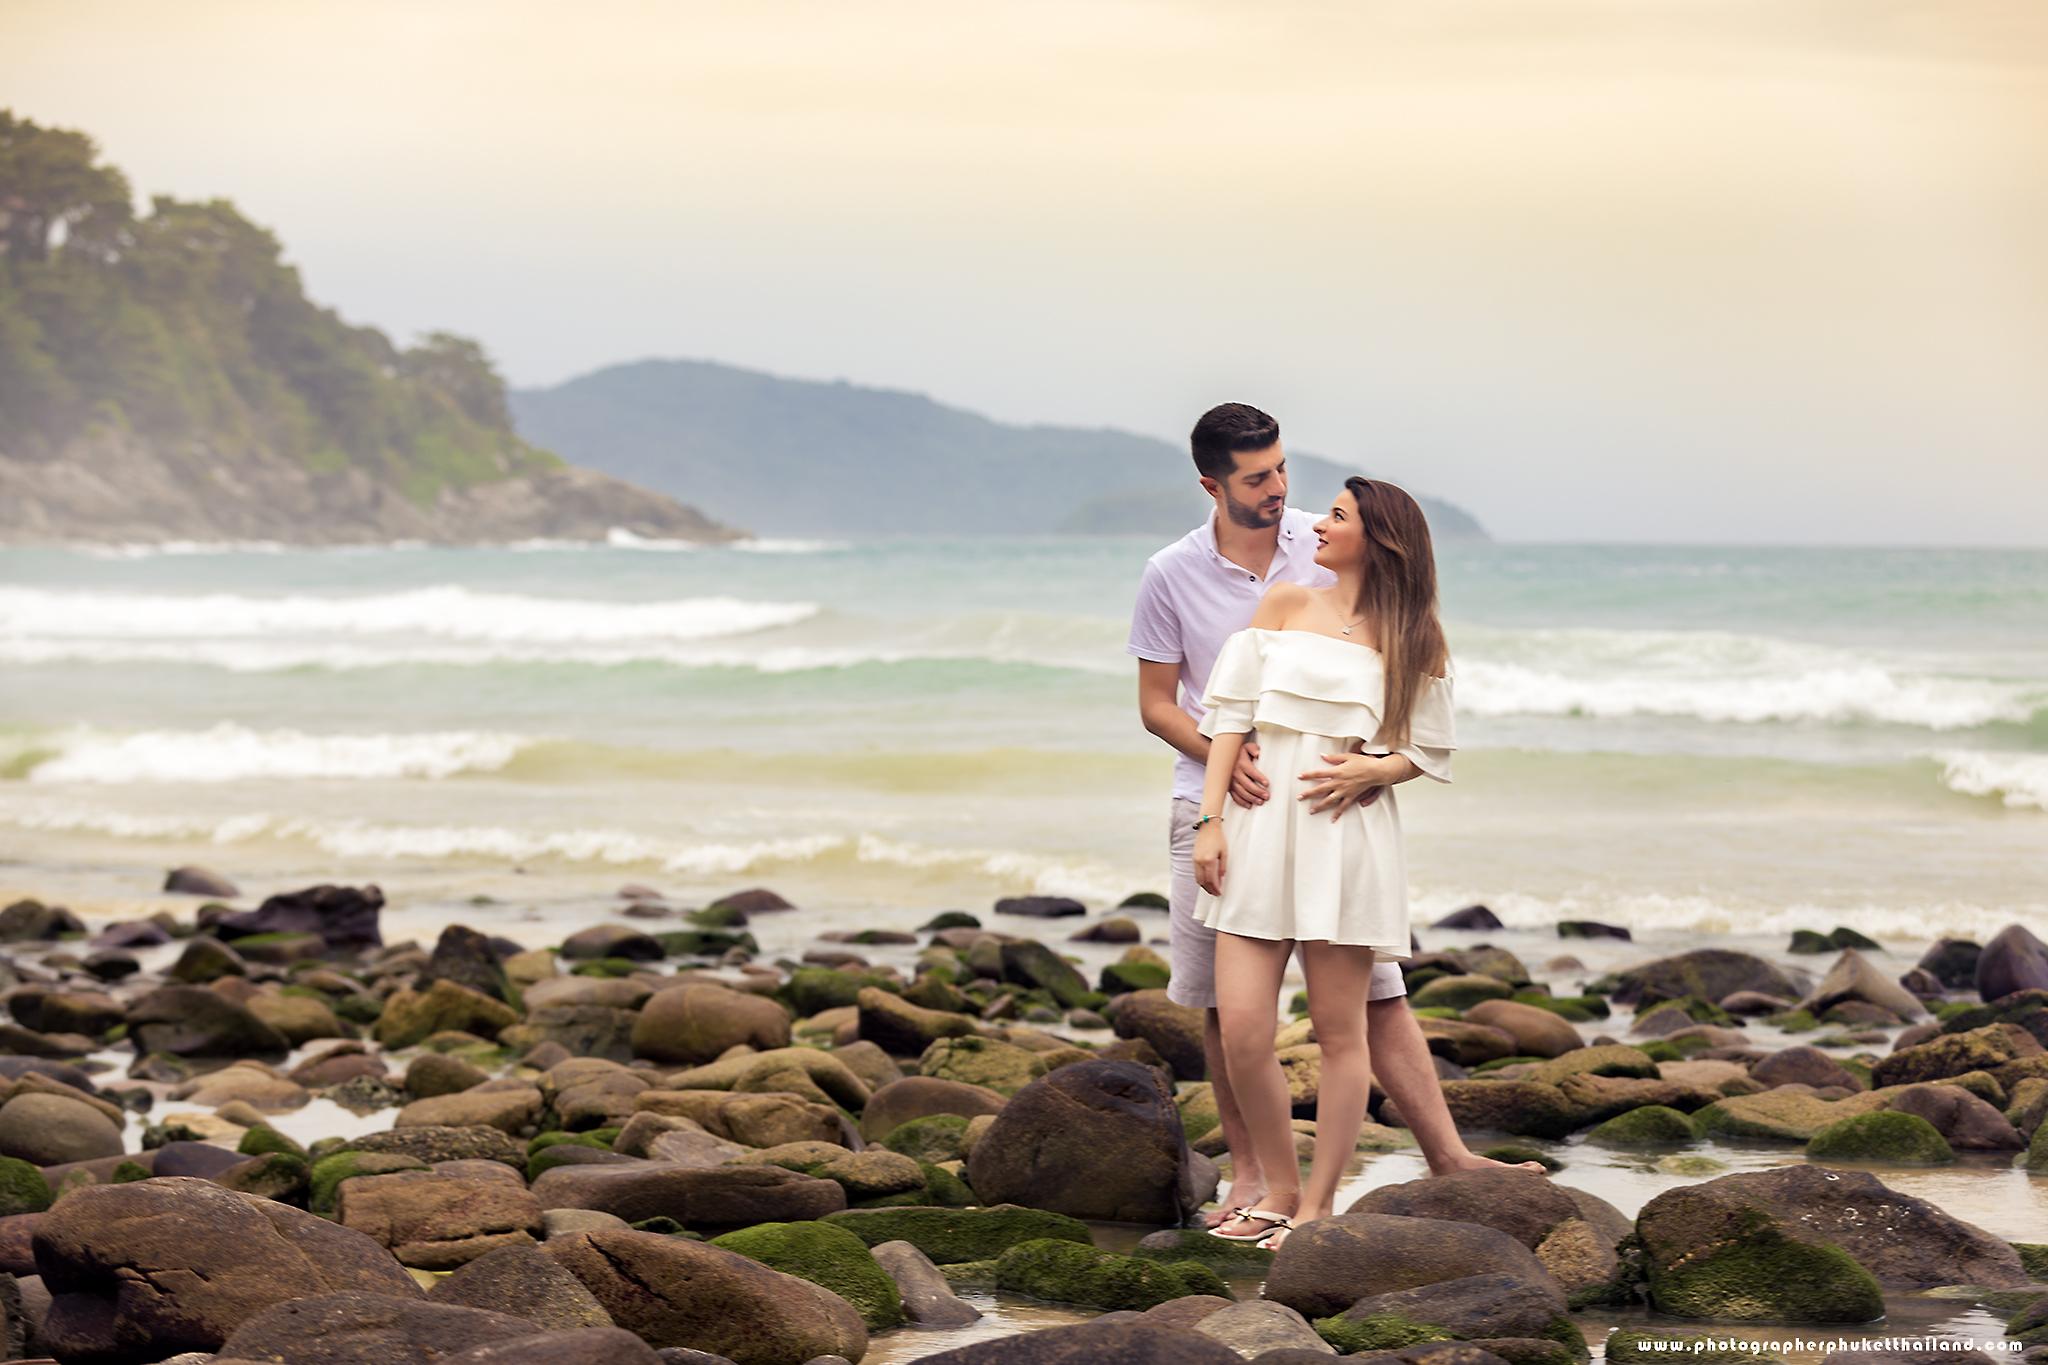 honeymoon photo session at phuket thailand